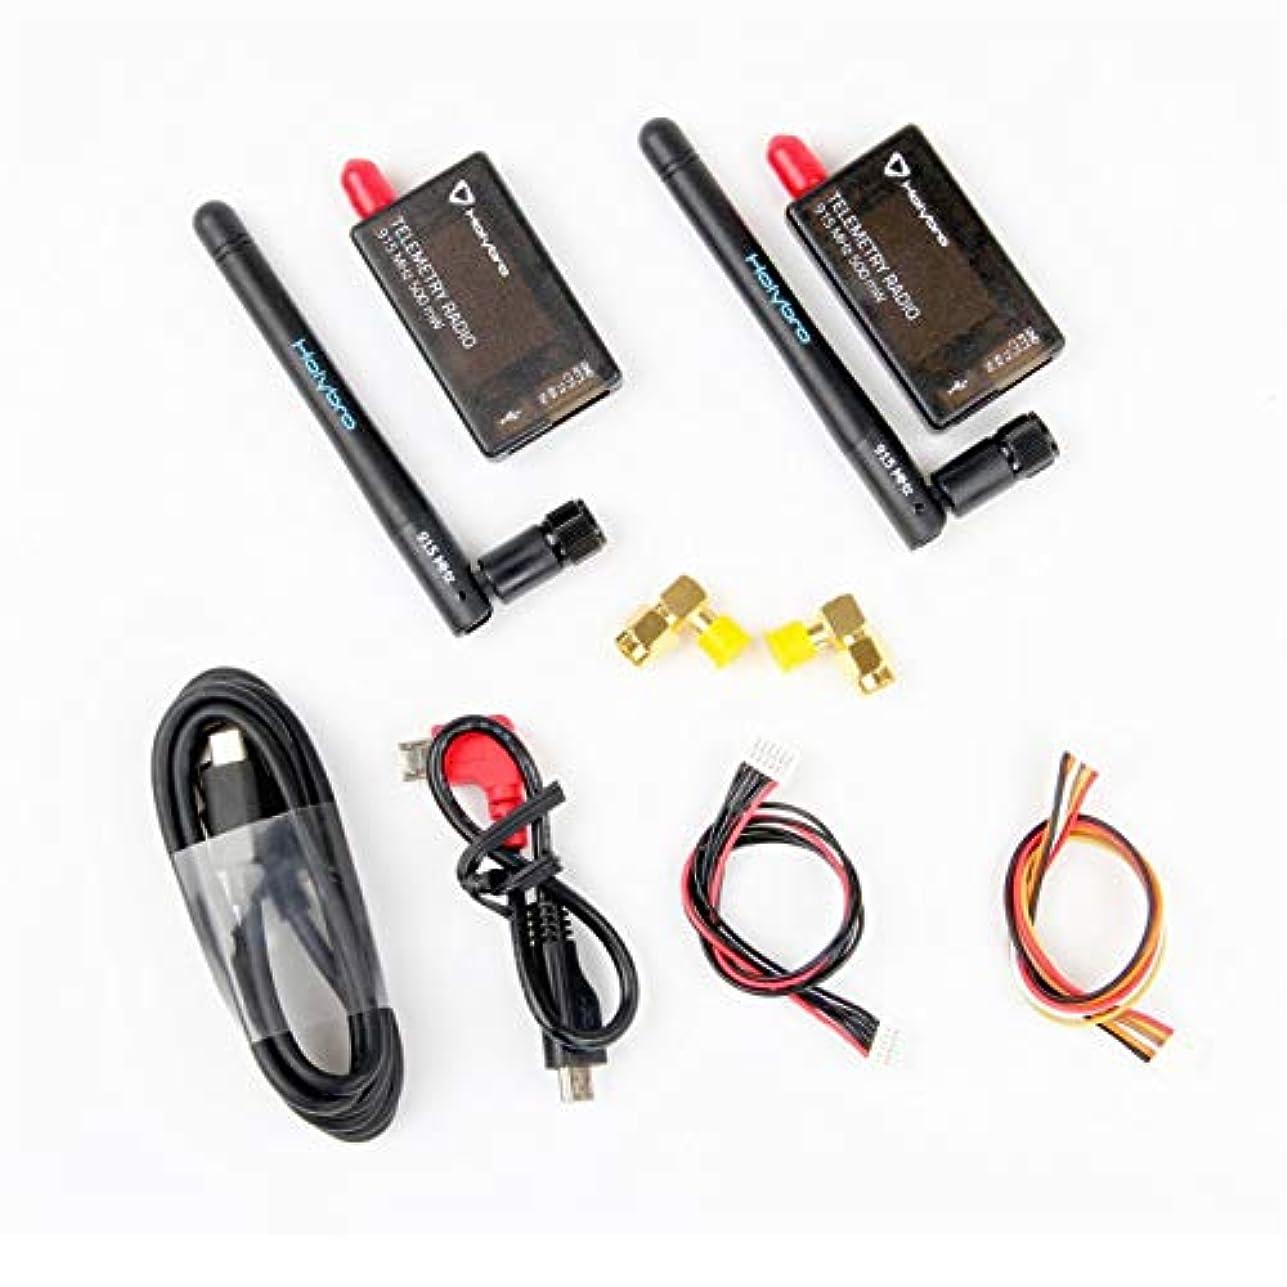 接尾辞金属レザーDeeploveUU Holybro 433MHz 500mWトランシーバーラジオFPVテレメトリーセットV3用PIXHawk 4フライトコントローラー117 dBm w/アンテナ付きRCドローン